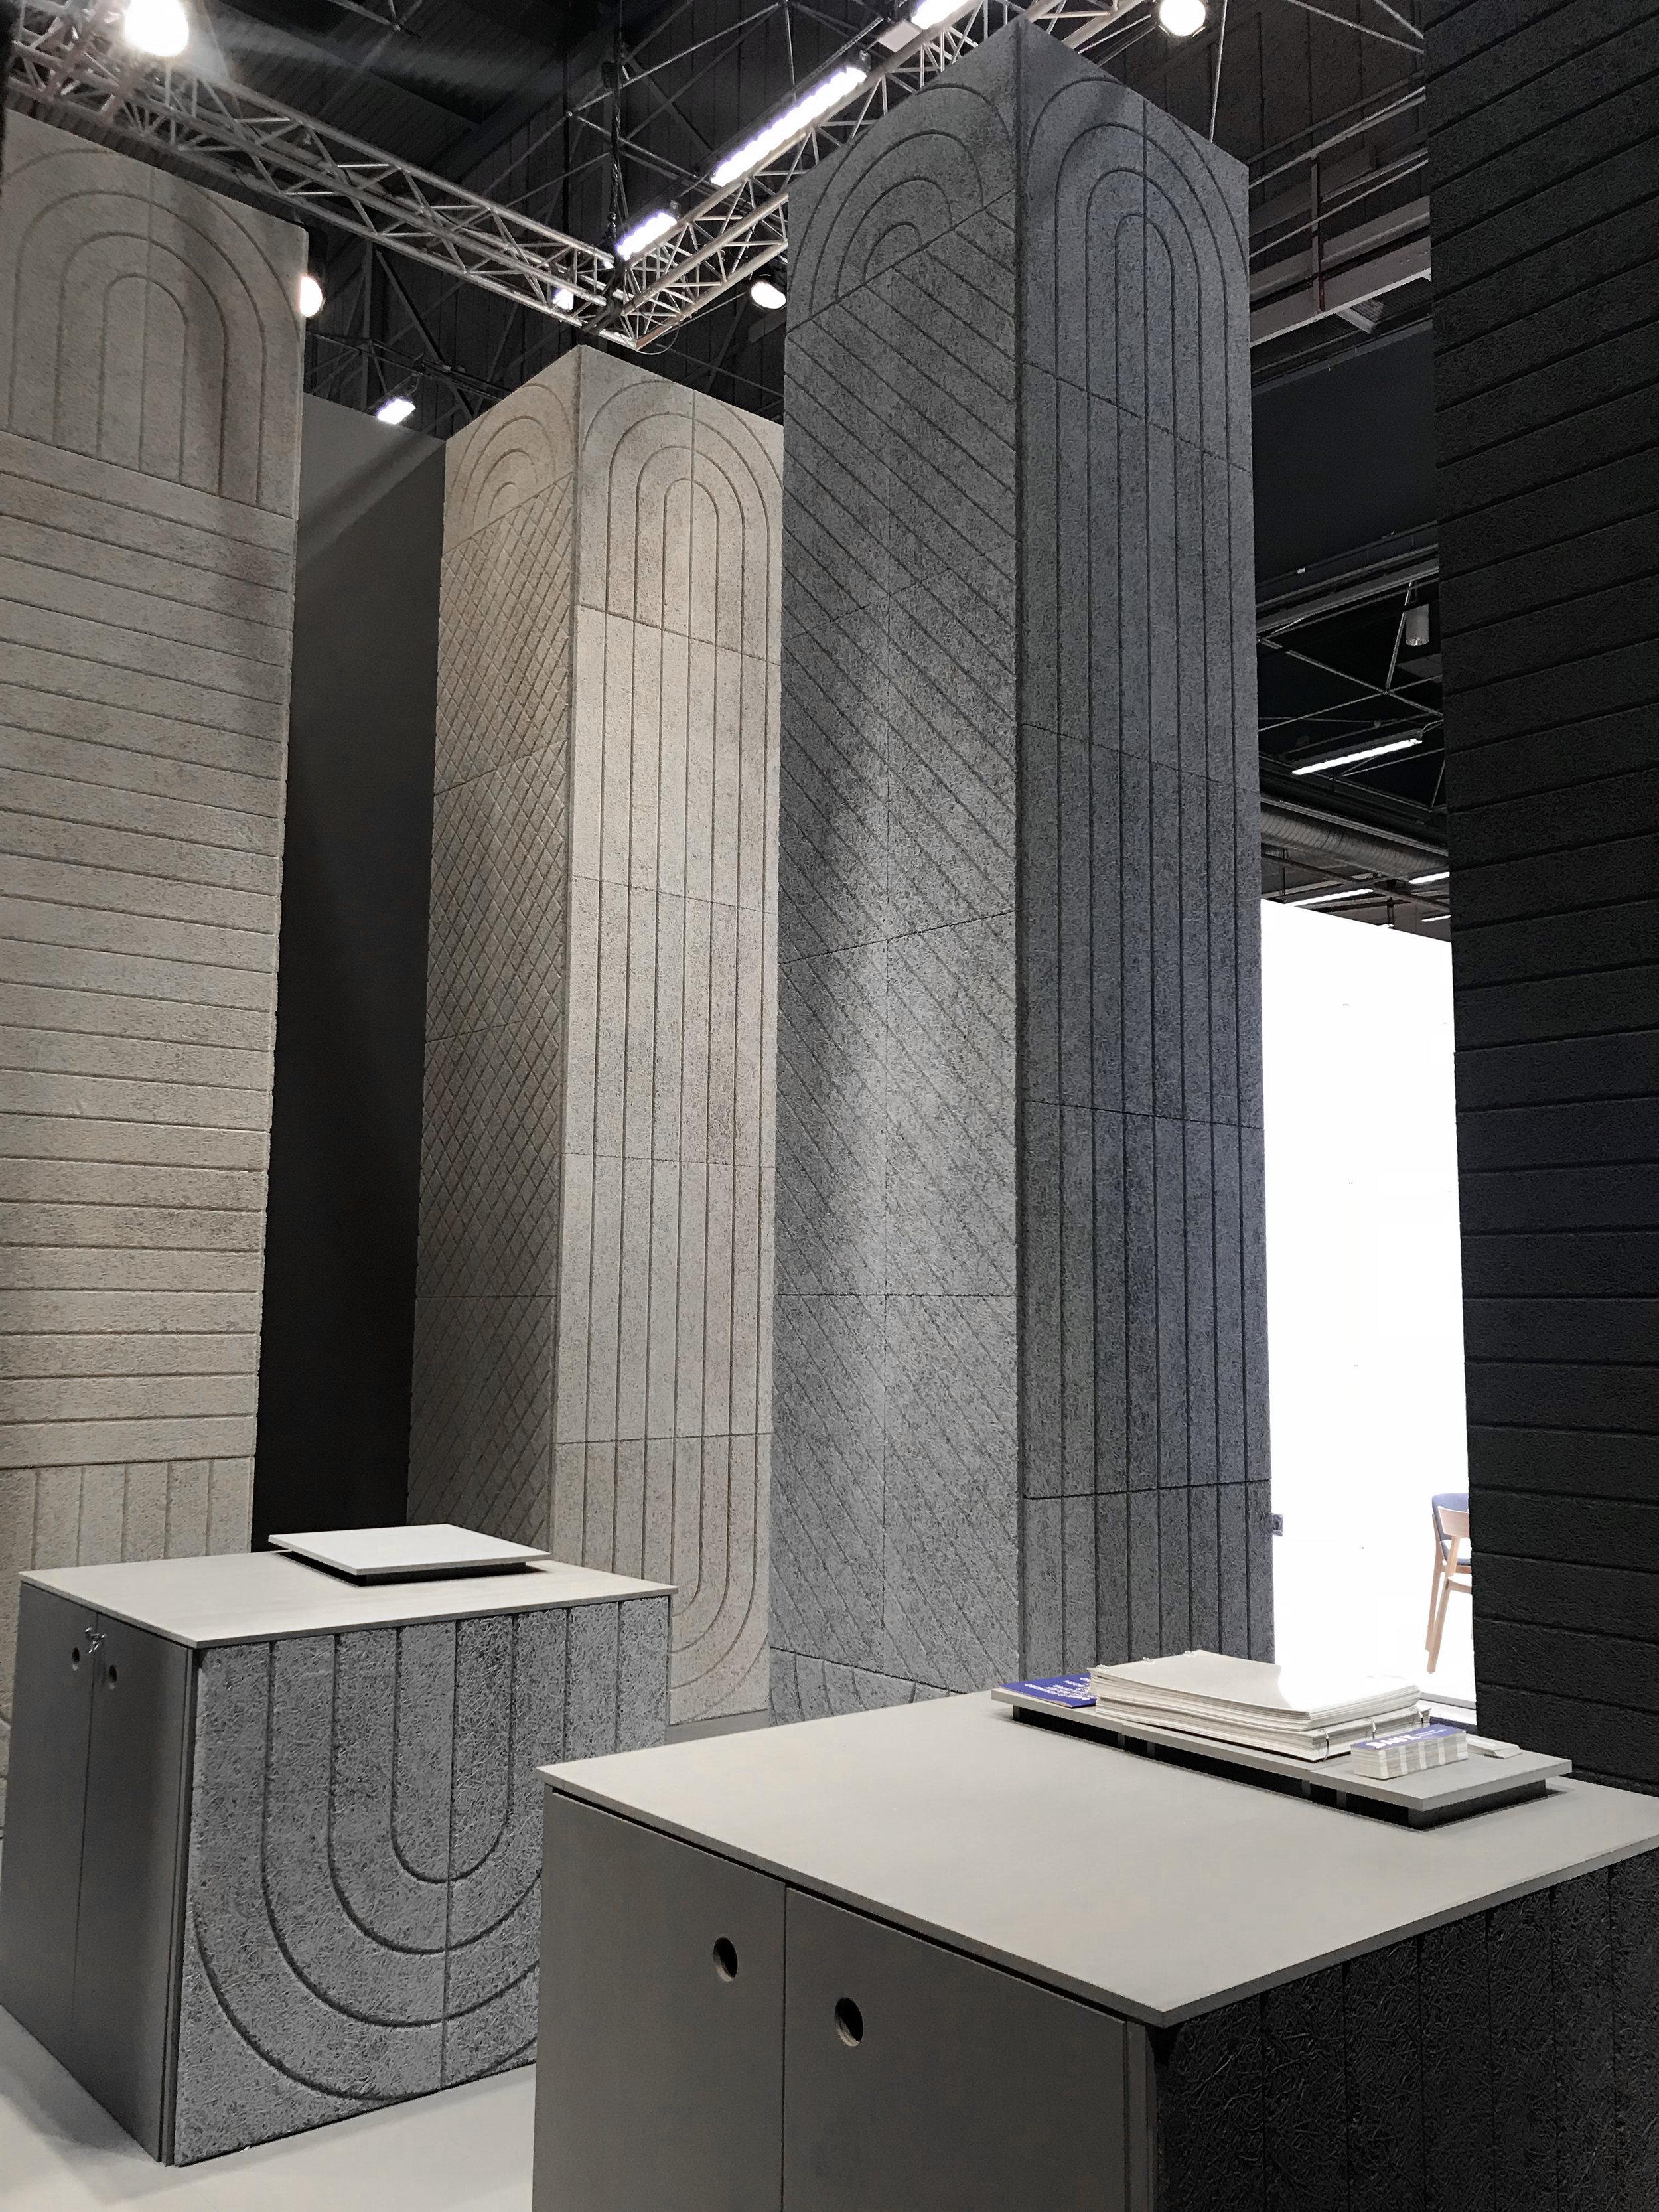 Baux_SFF2018_Interior 1.jpg